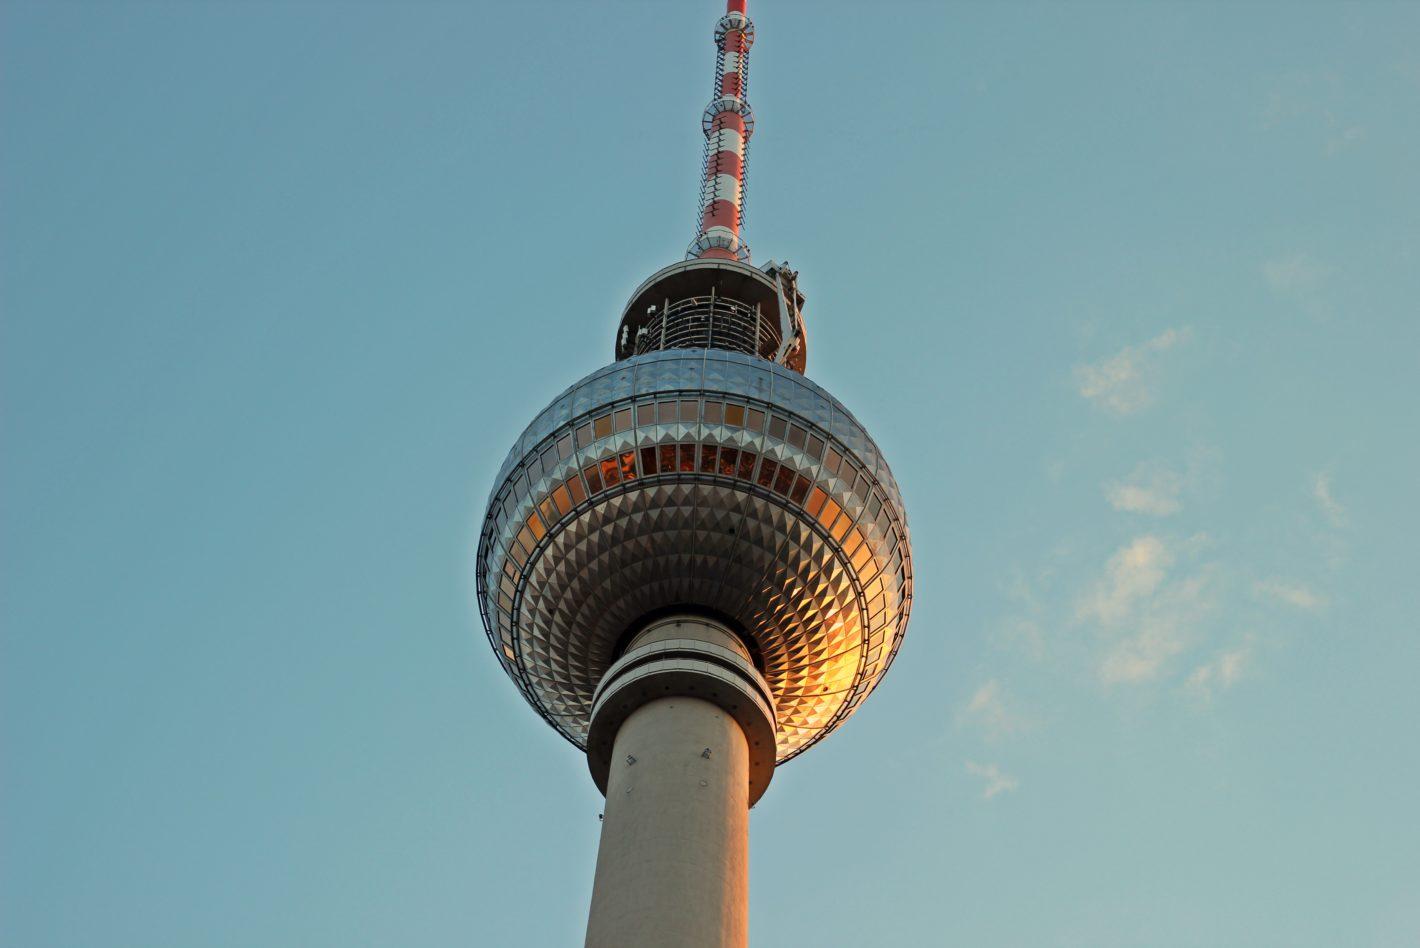 Sparverhalten: Bayern vorn, Berlin hinten